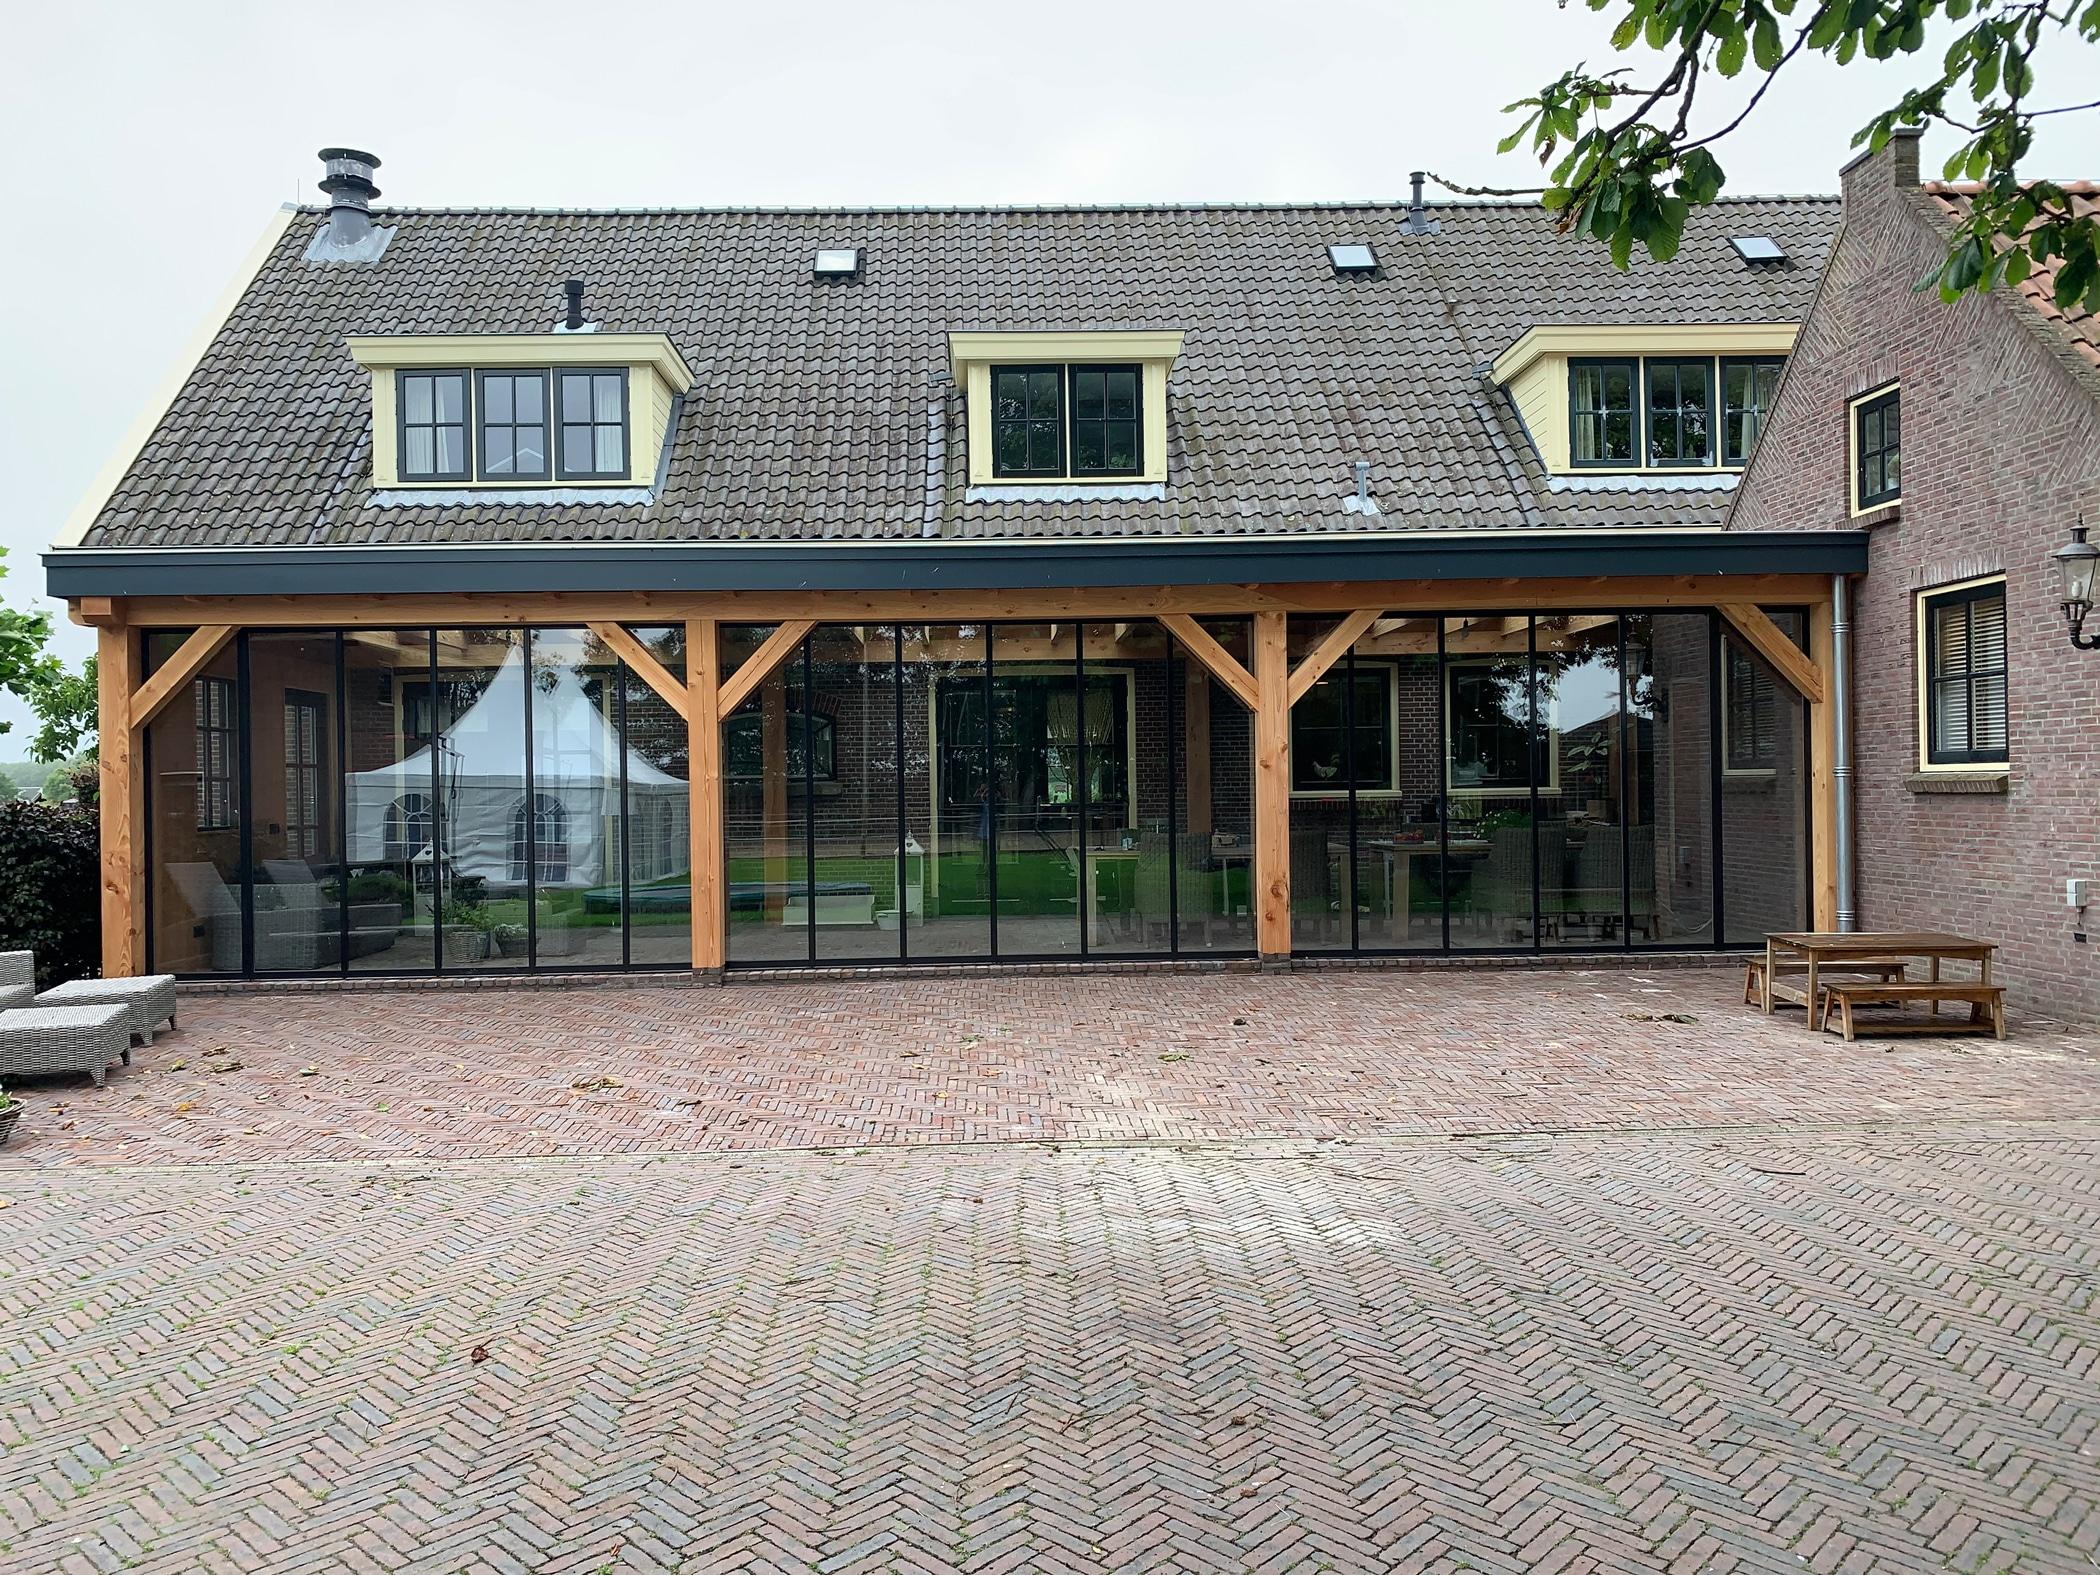 Schiebe Dreh Systeme passgenau Lösungen für Terrassenverglasungen